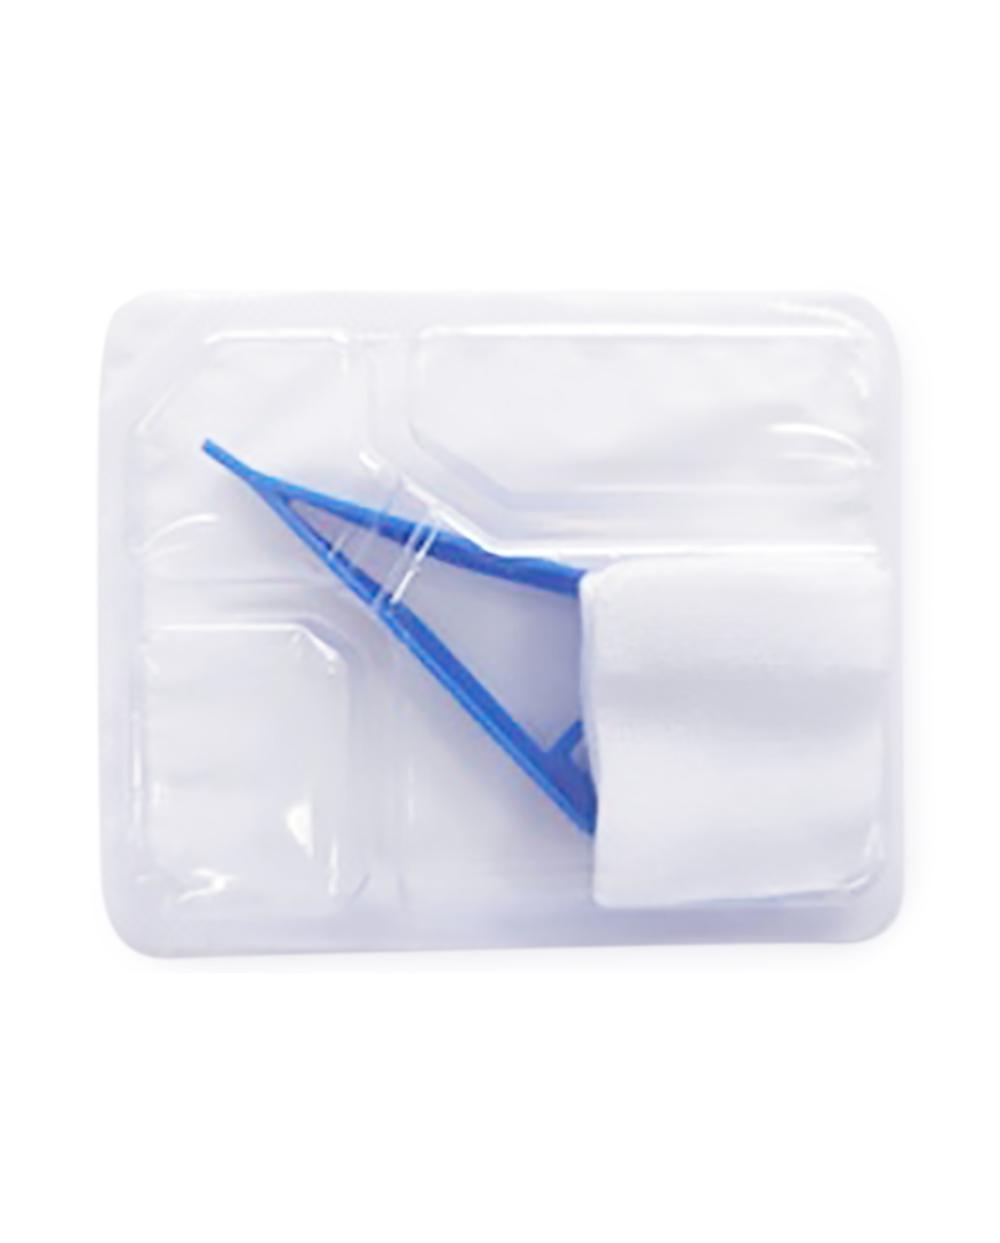 Set à Pansement N°7 Evocare (grand format) - Carton 50 pcs